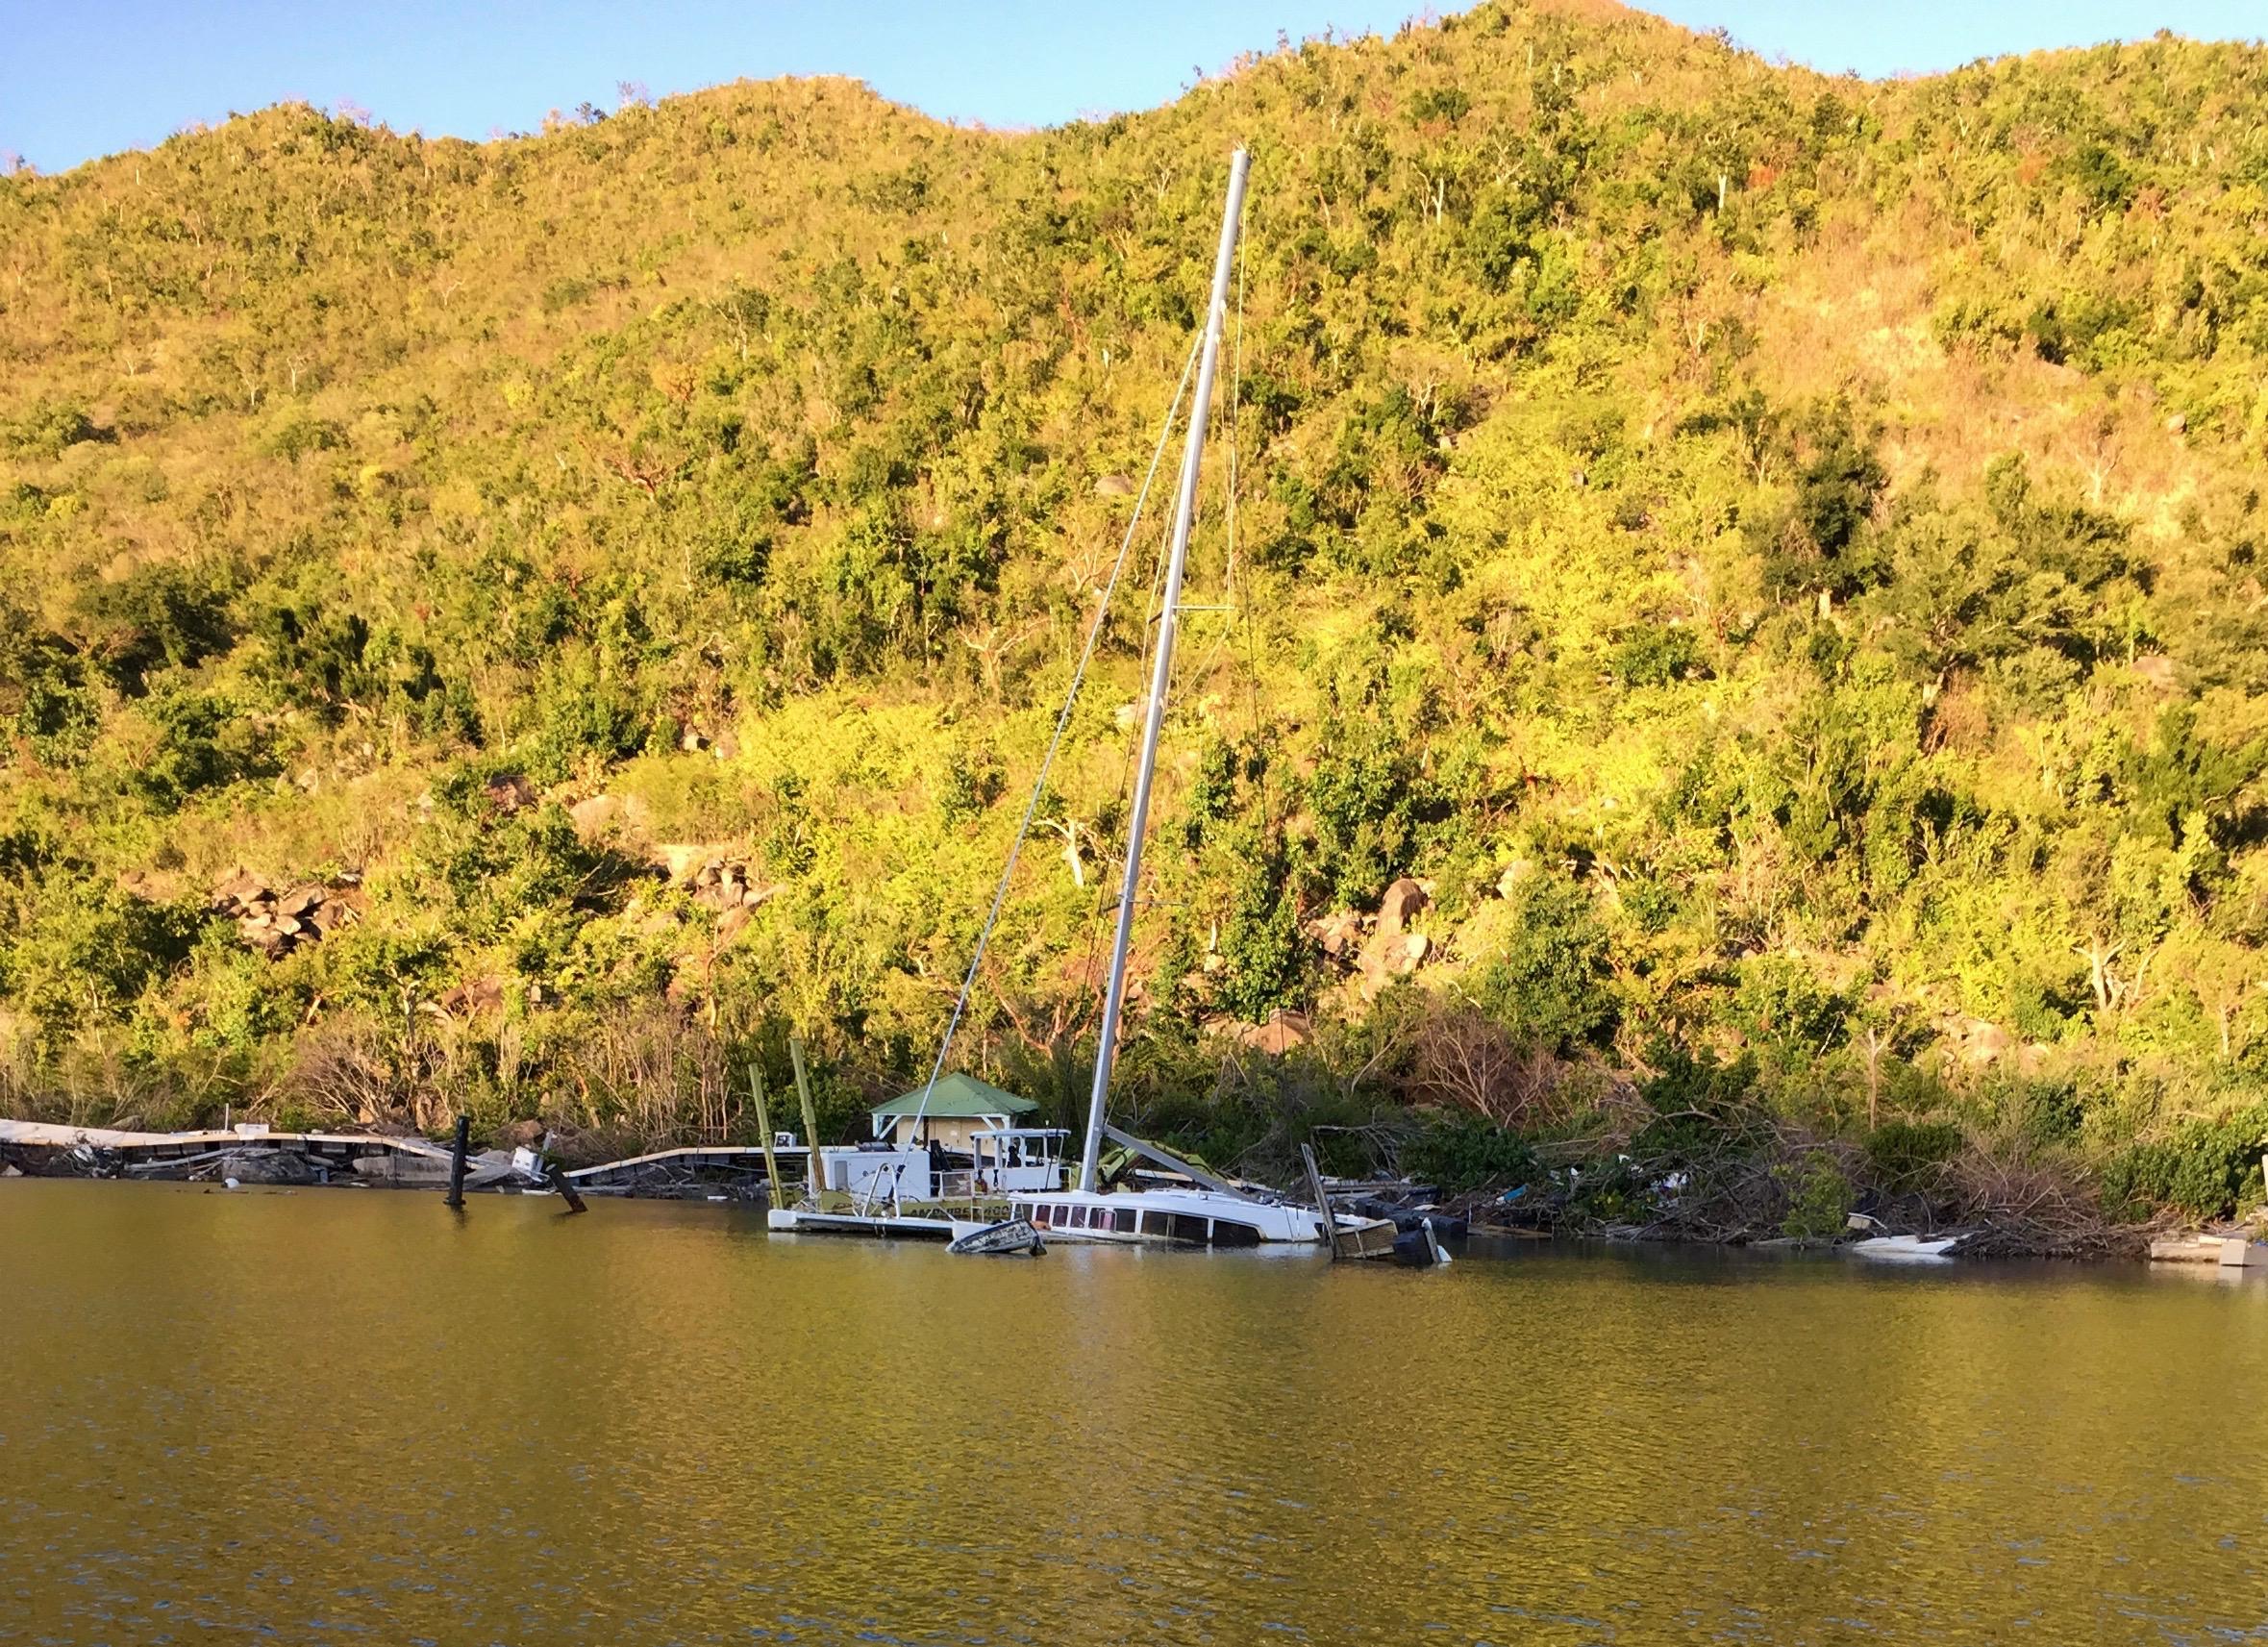 6. Sunken boats, Anse Marcel